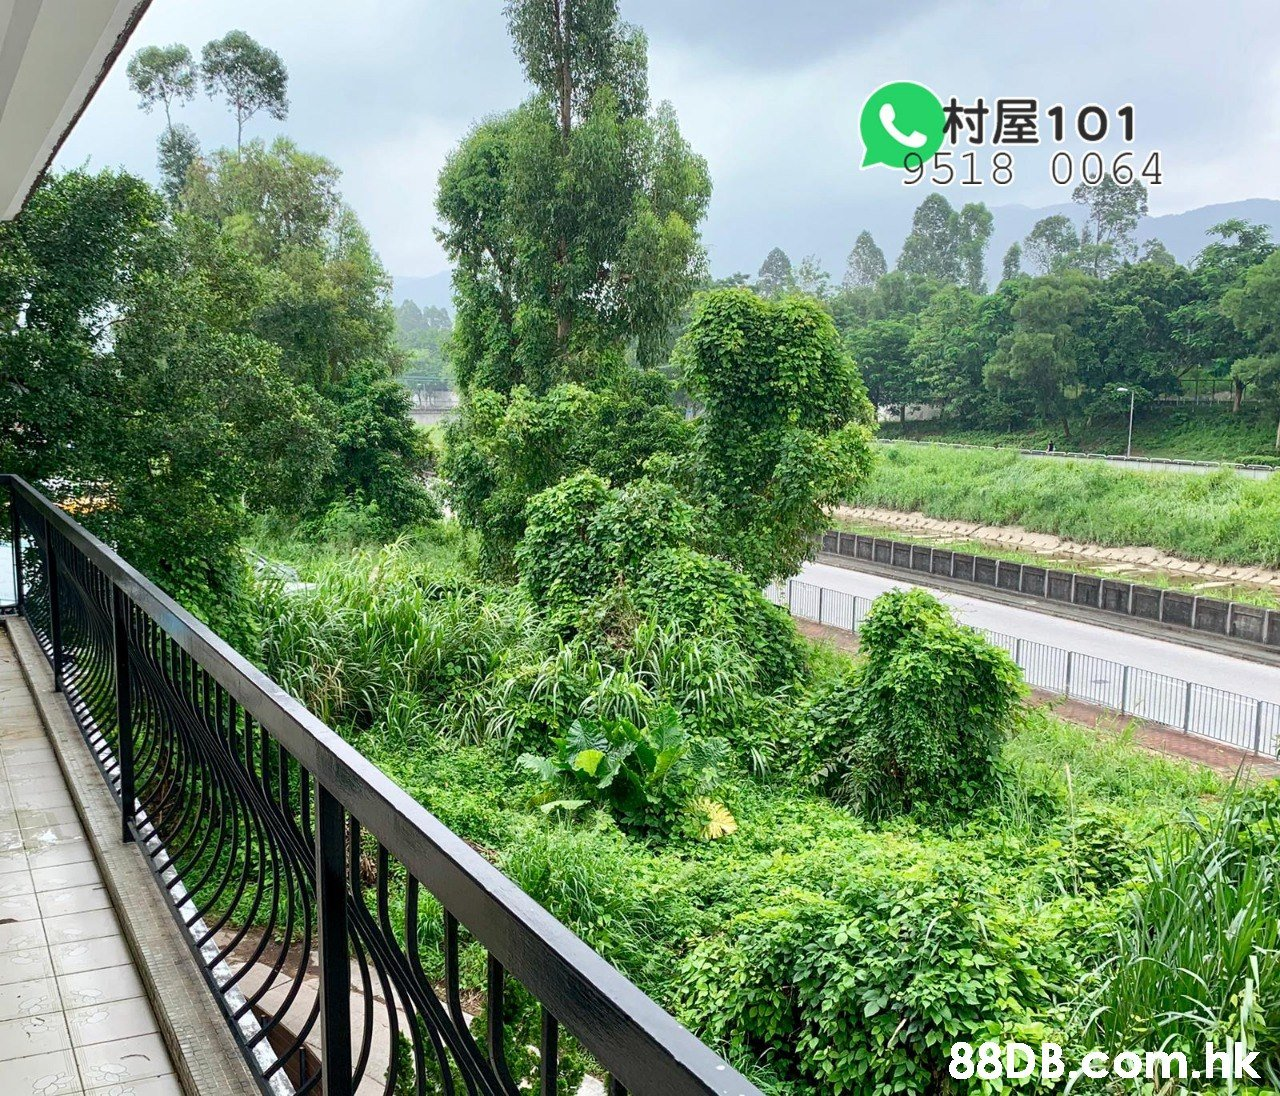 し村屋101 9518 0064 88DBcom.k  Vegetation,Green,Hill station,Tree,Grass